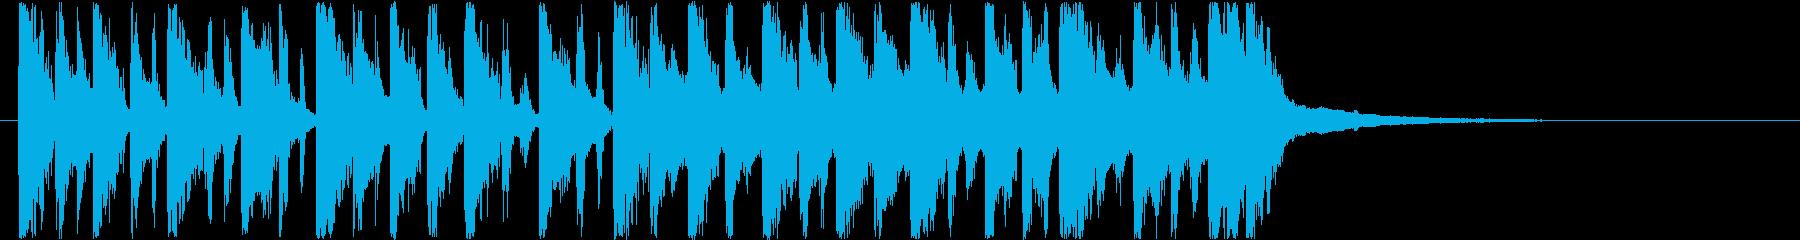 ちょっと不思議な和風テクノっぽいのんの再生済みの波形